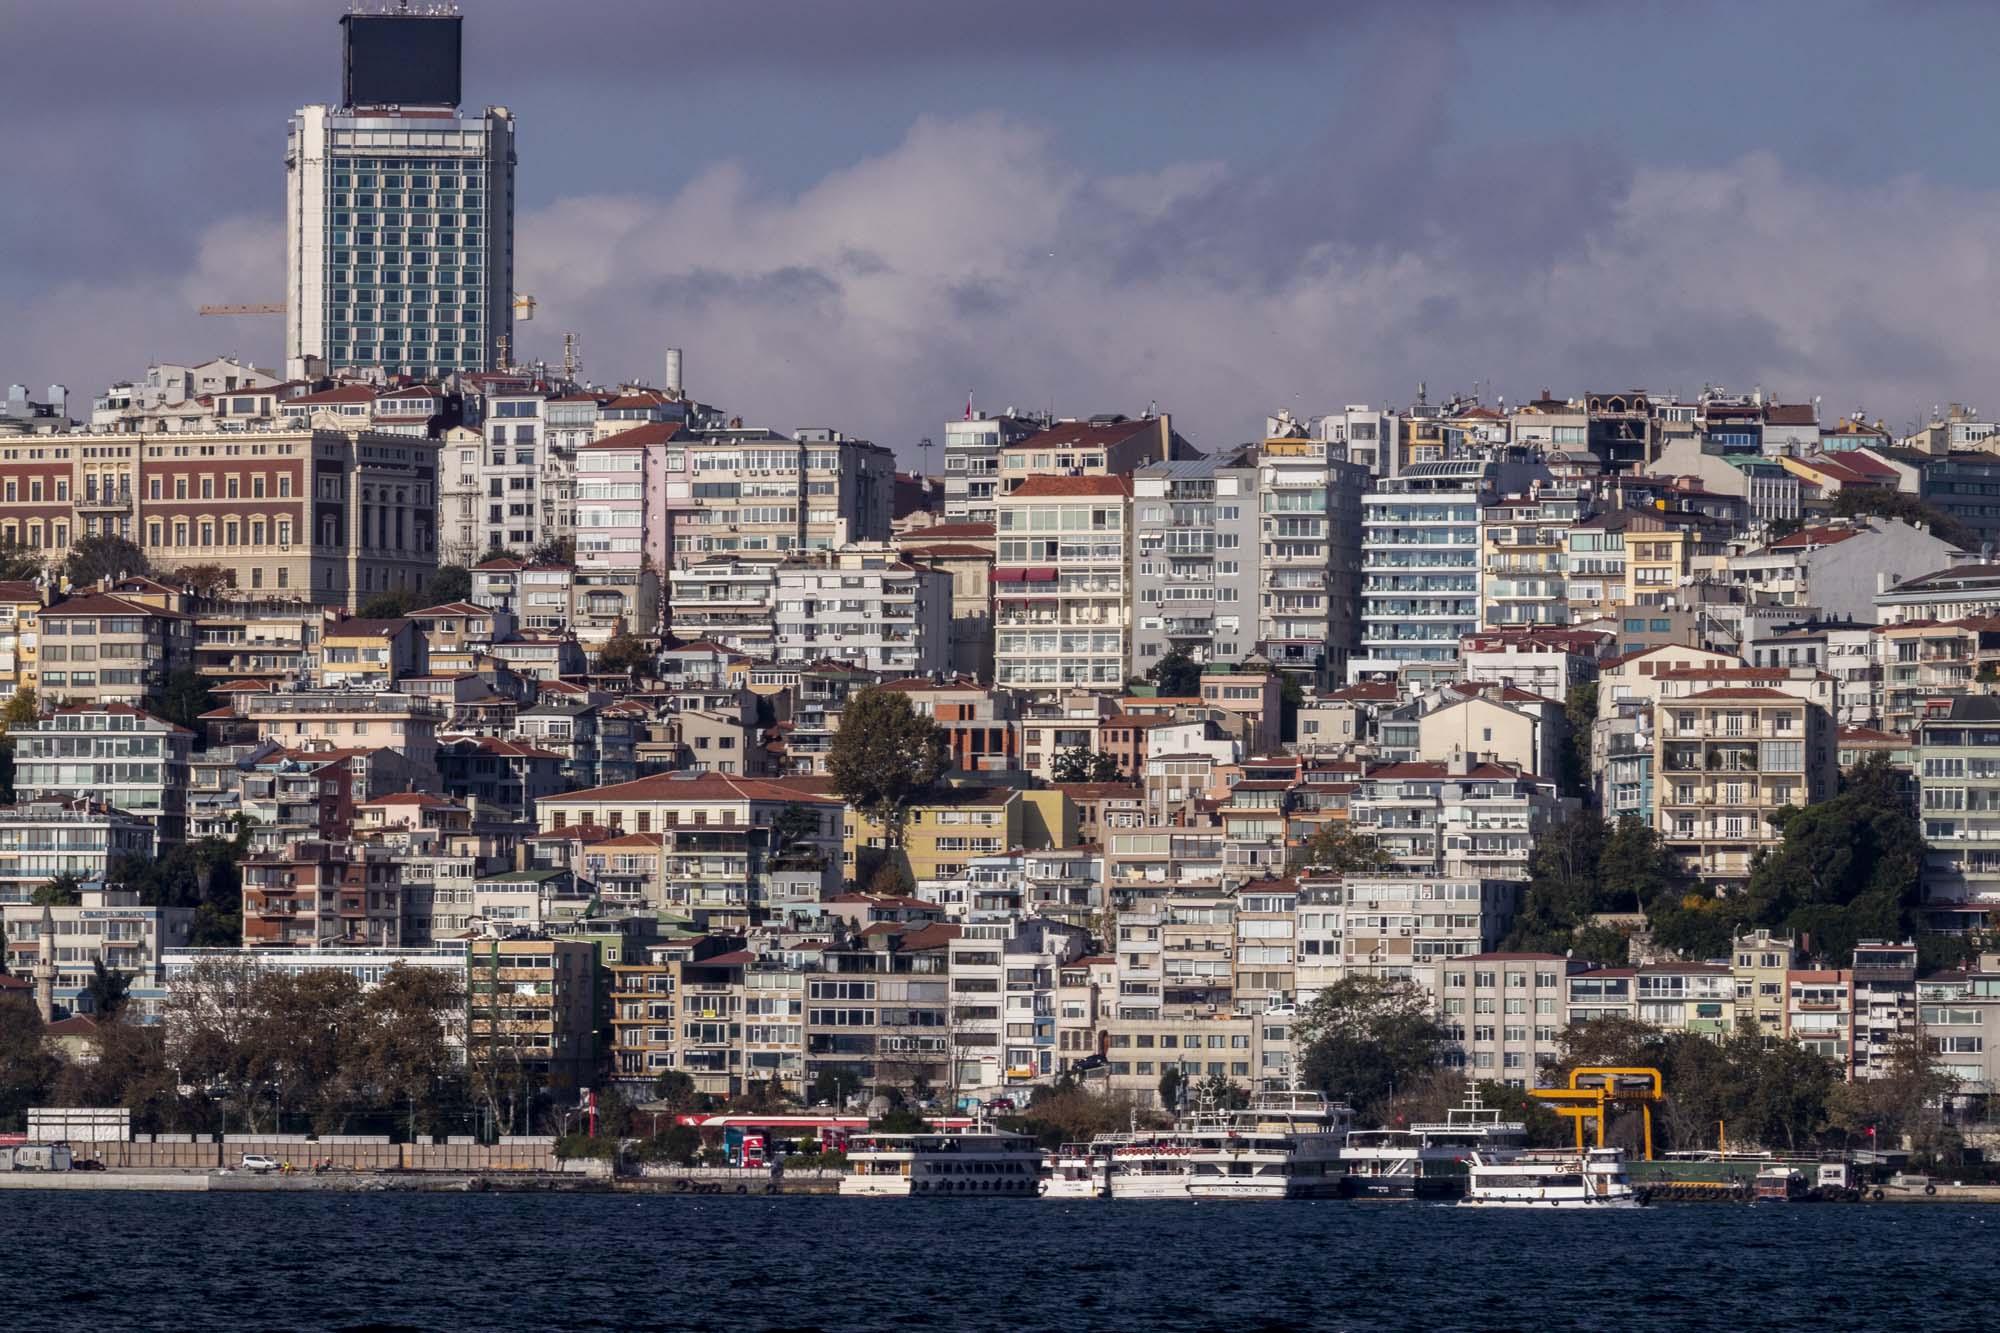 Quartier d'Ortaköy dans la ville d'İstanbul en Turquie